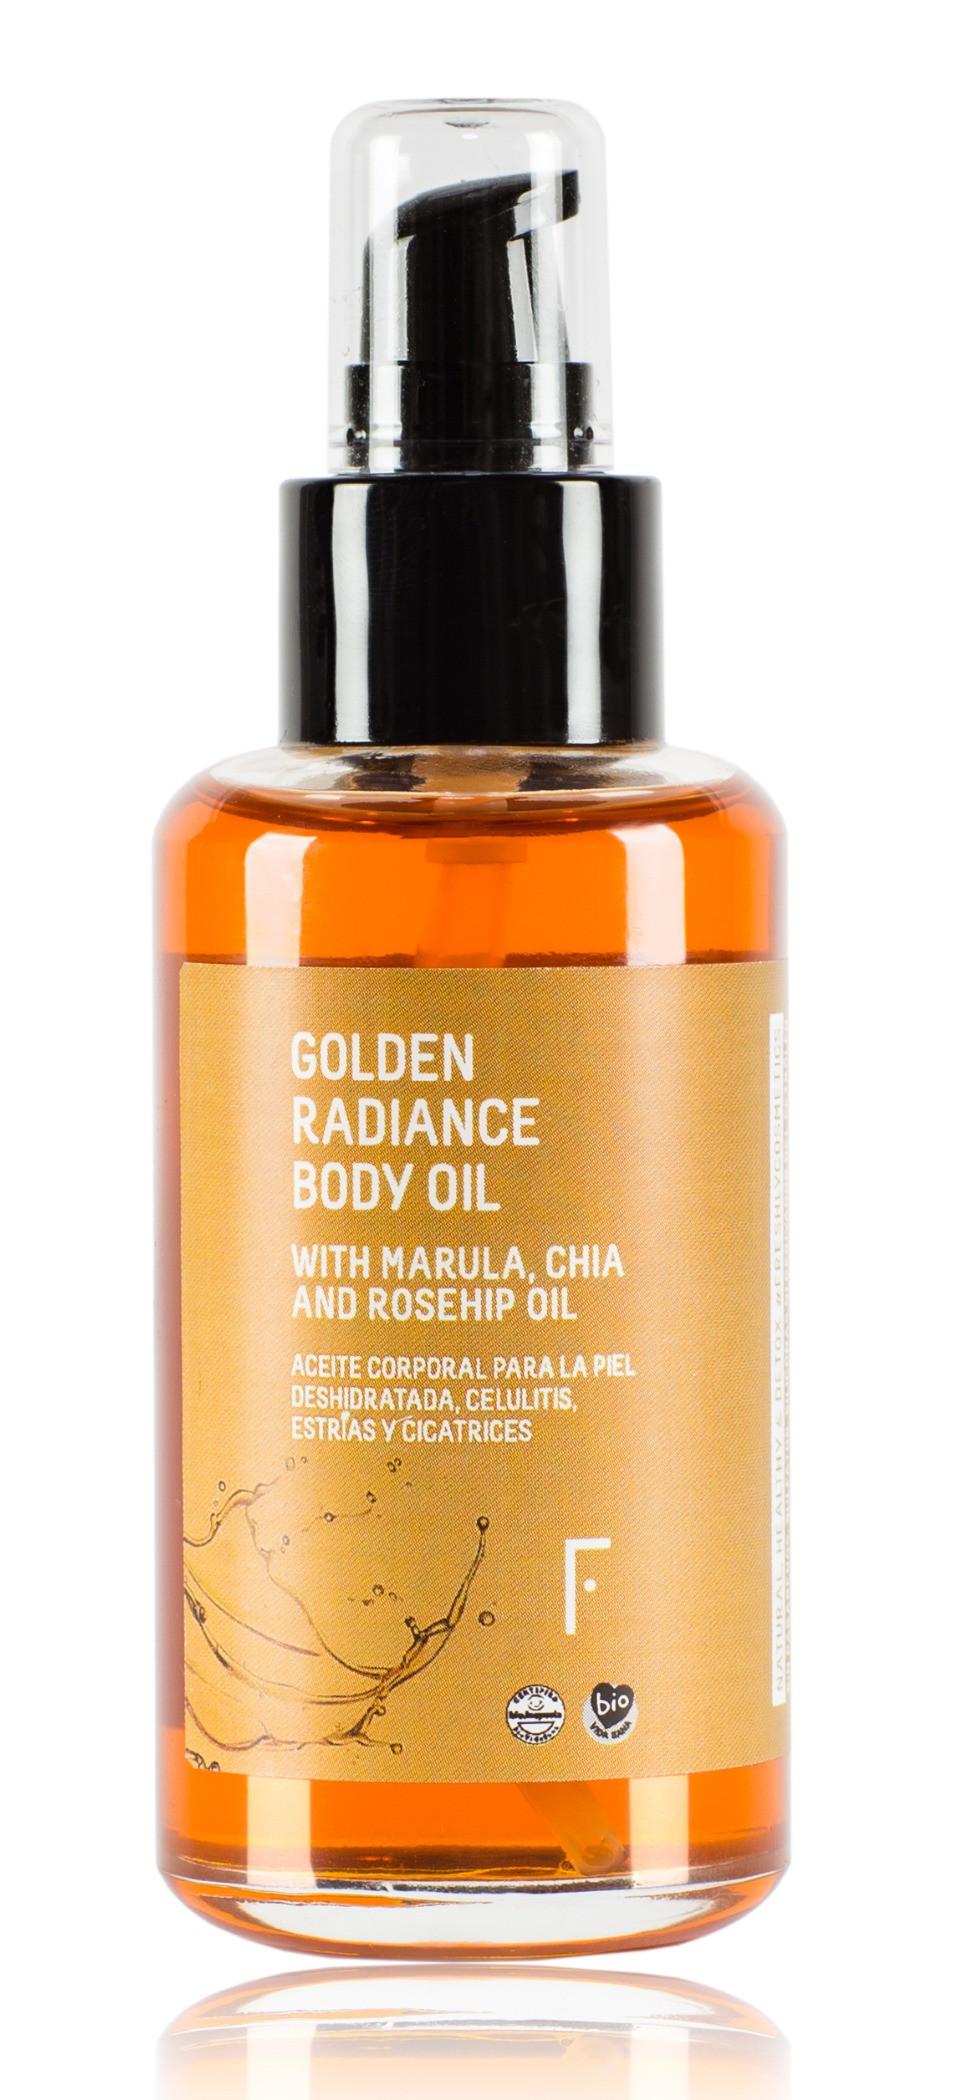 Golden Radiance Body Oil de Freshly